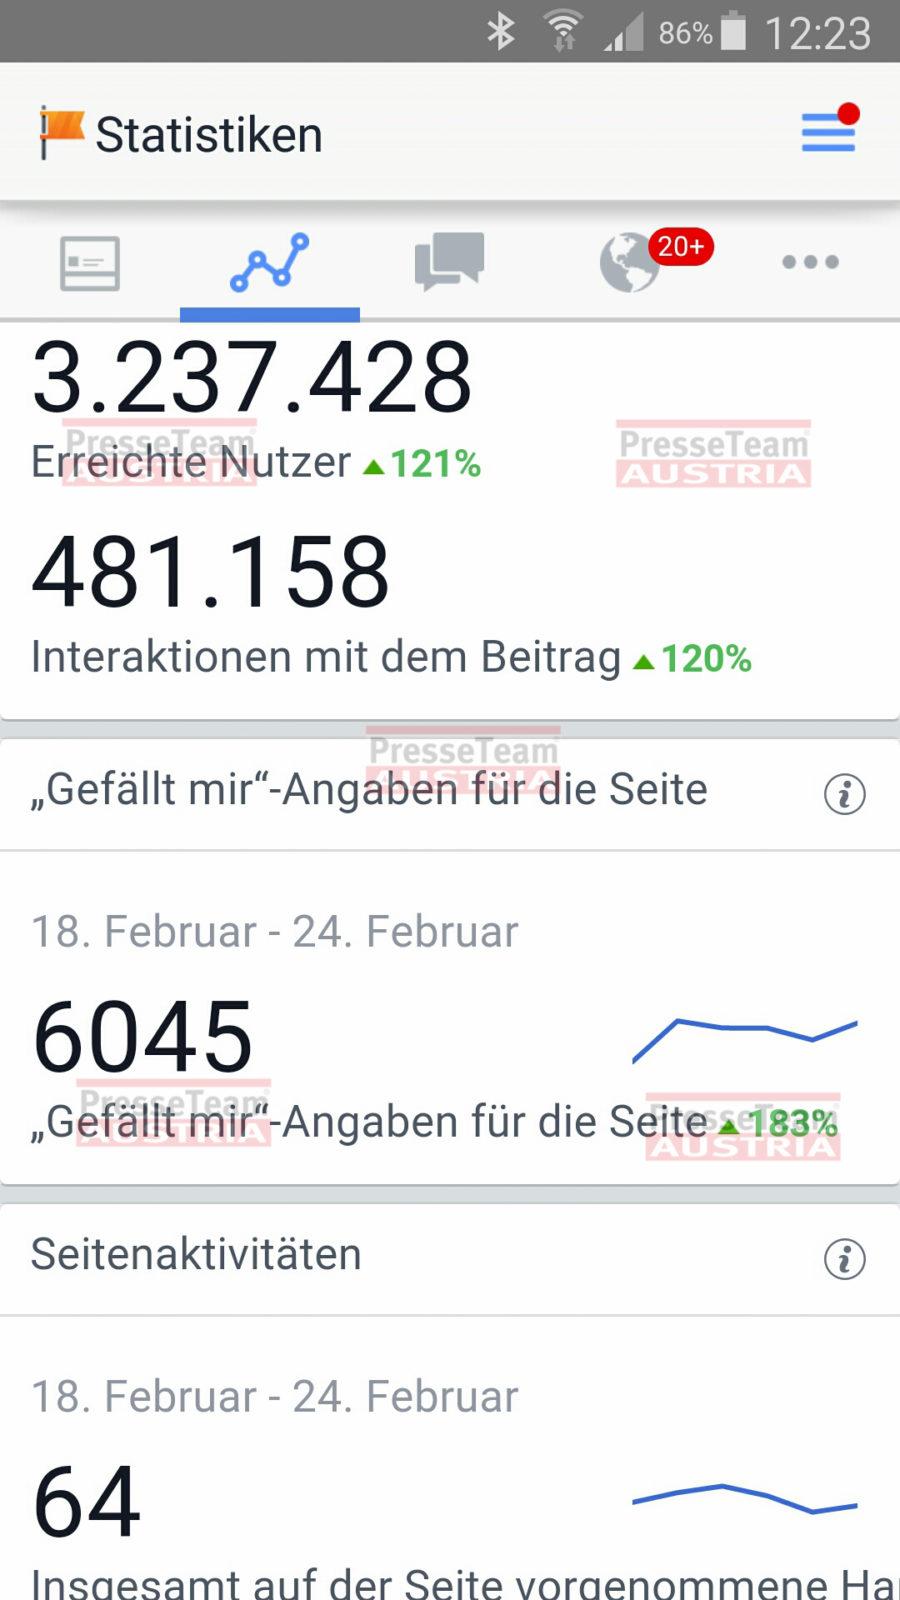 Facebook Marketing Schulung 3 - 10.730.101 Reichweite mit Facebook-Marketing: Der sichere Weg zu Ihrer Zielgruppe!